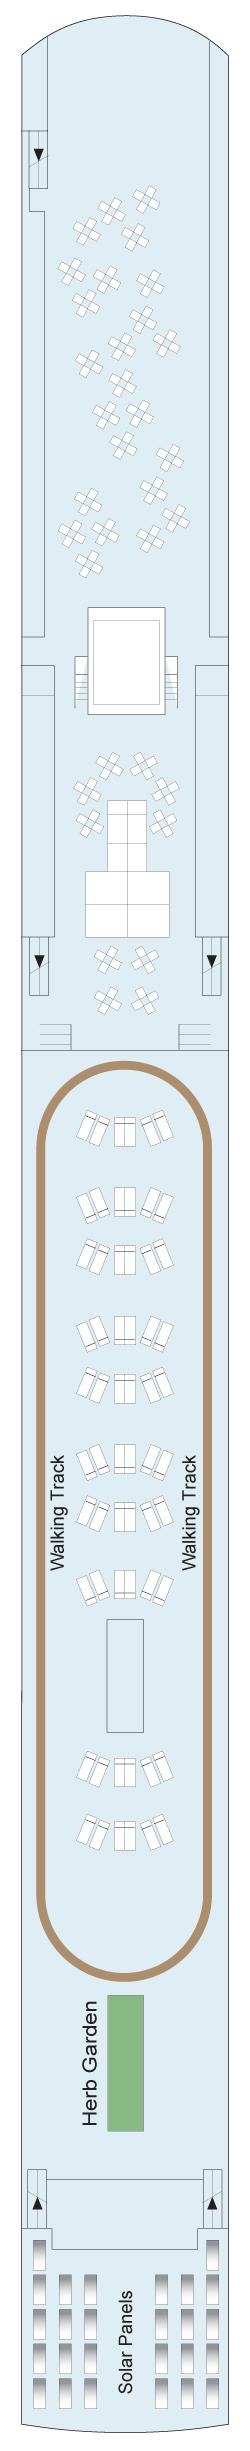 Viking Eistla Sun Deck